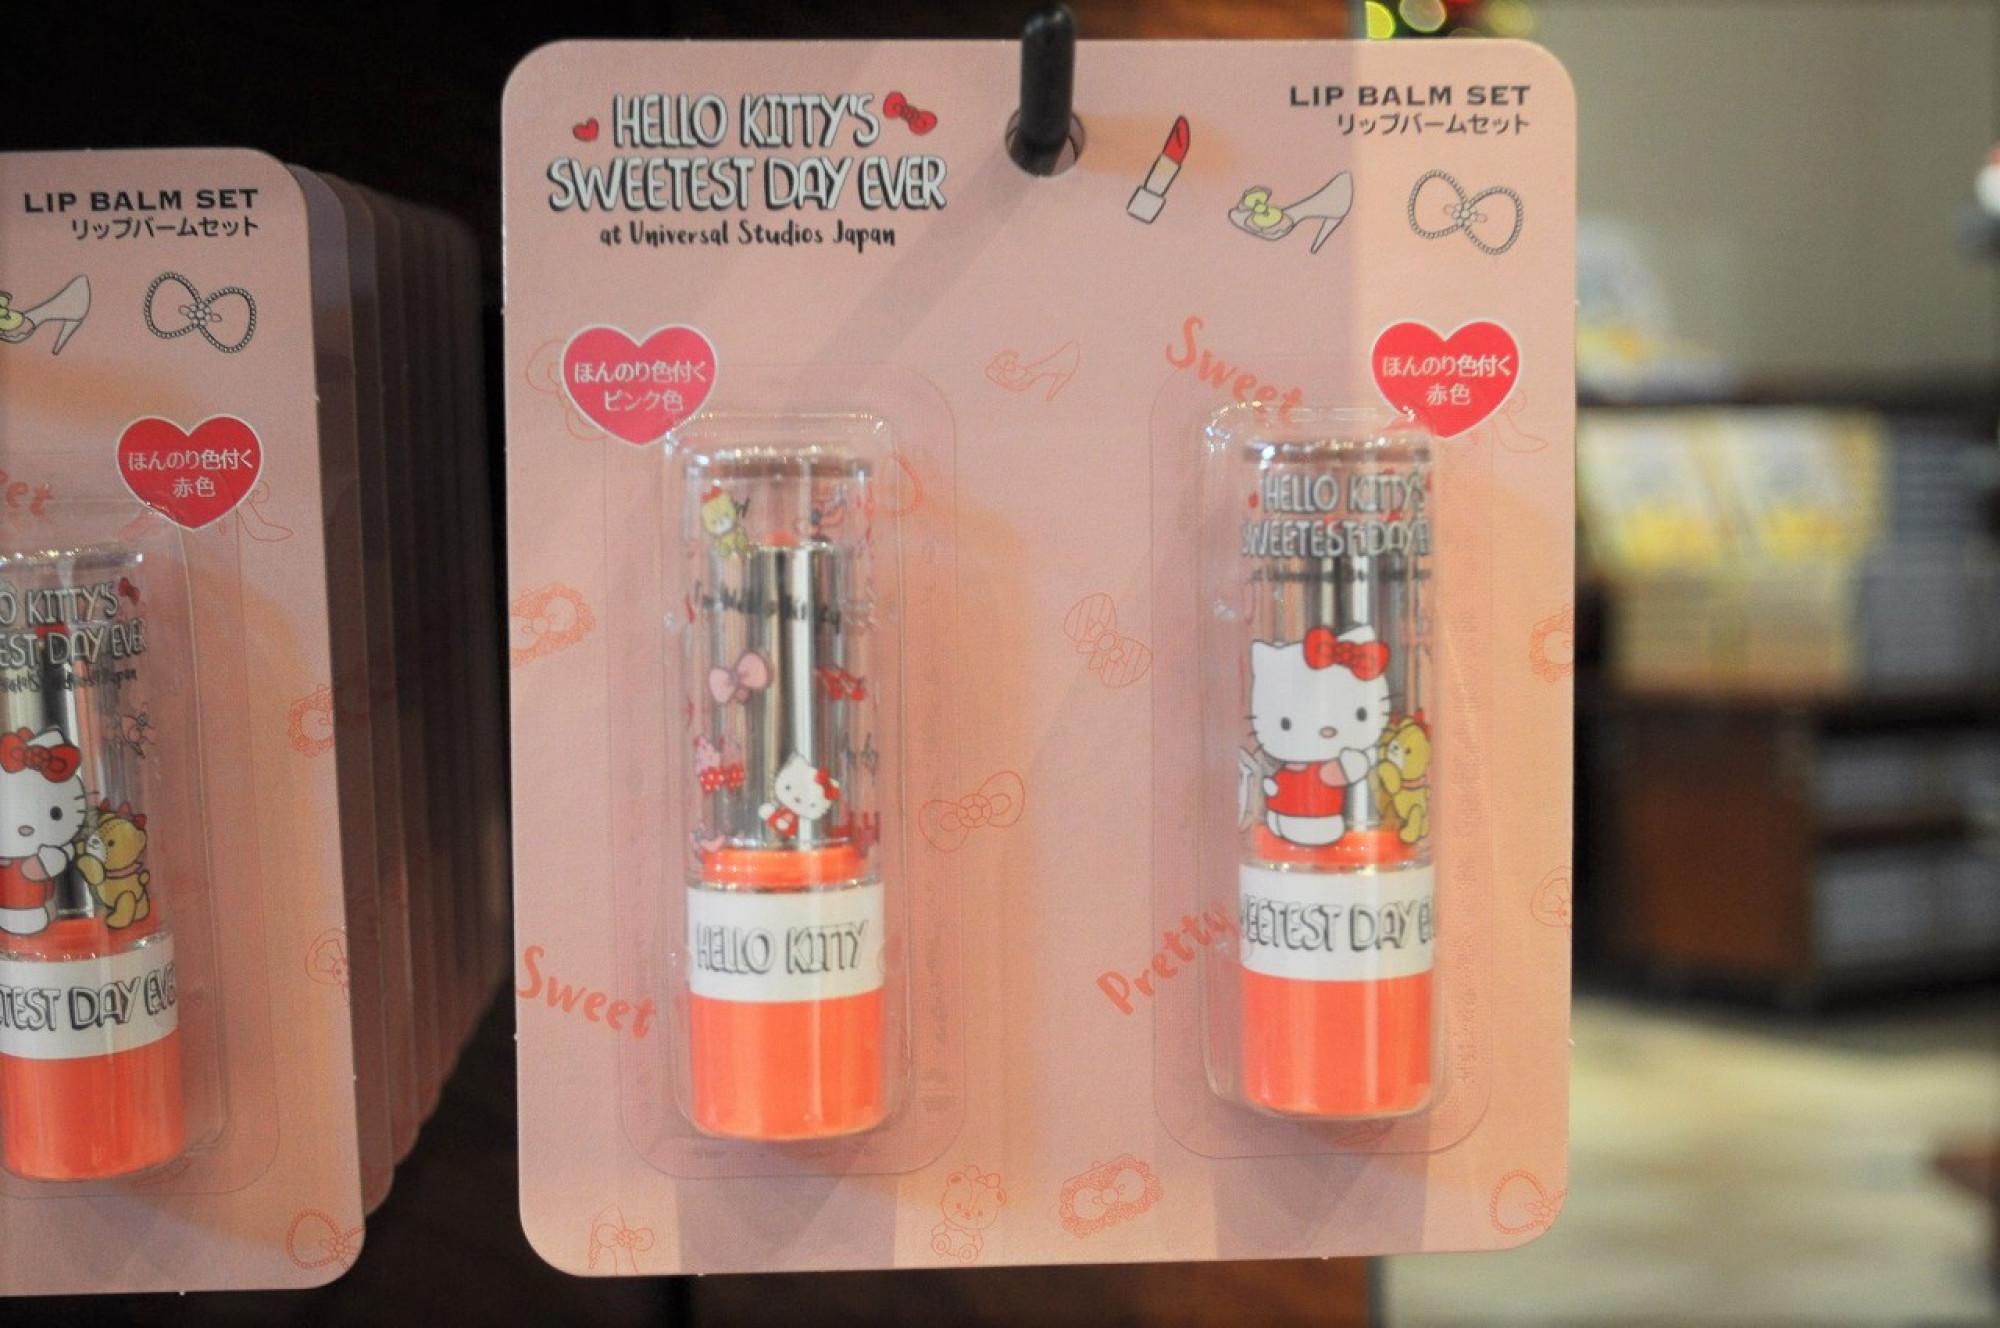 ハローキティ「Hello Kitty's Sweetest Day Ever」リップパームセット